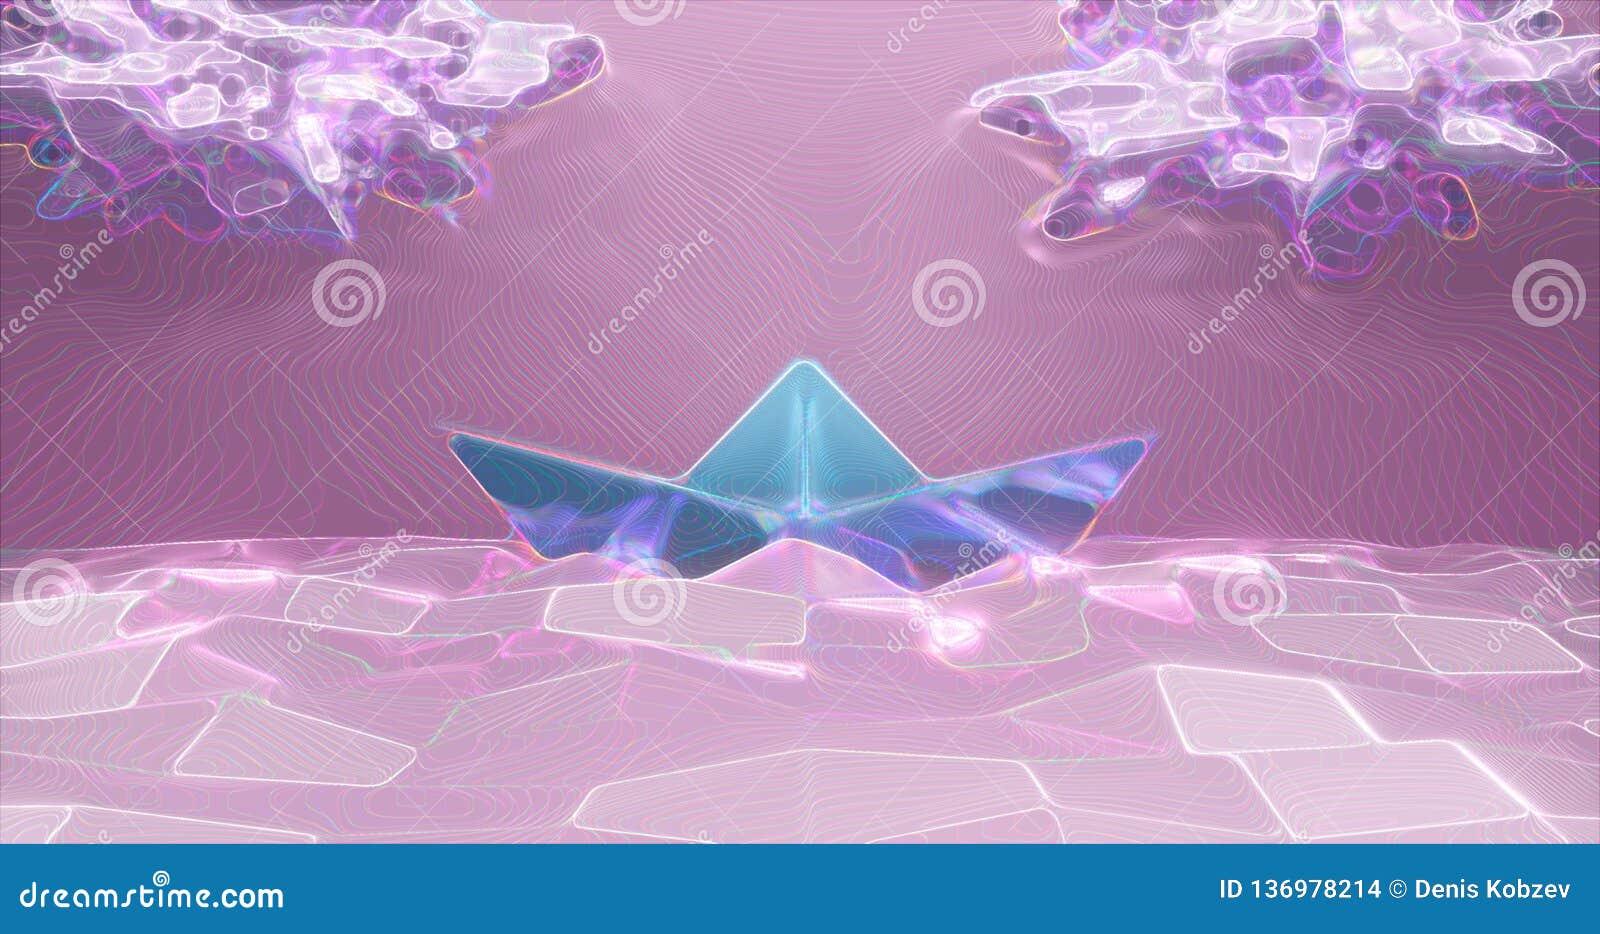 Rendu 3d Bateau de papier fait de papier léger sur le fond de la bas-poly mer et des nuages de couleur rose-clair Résumé